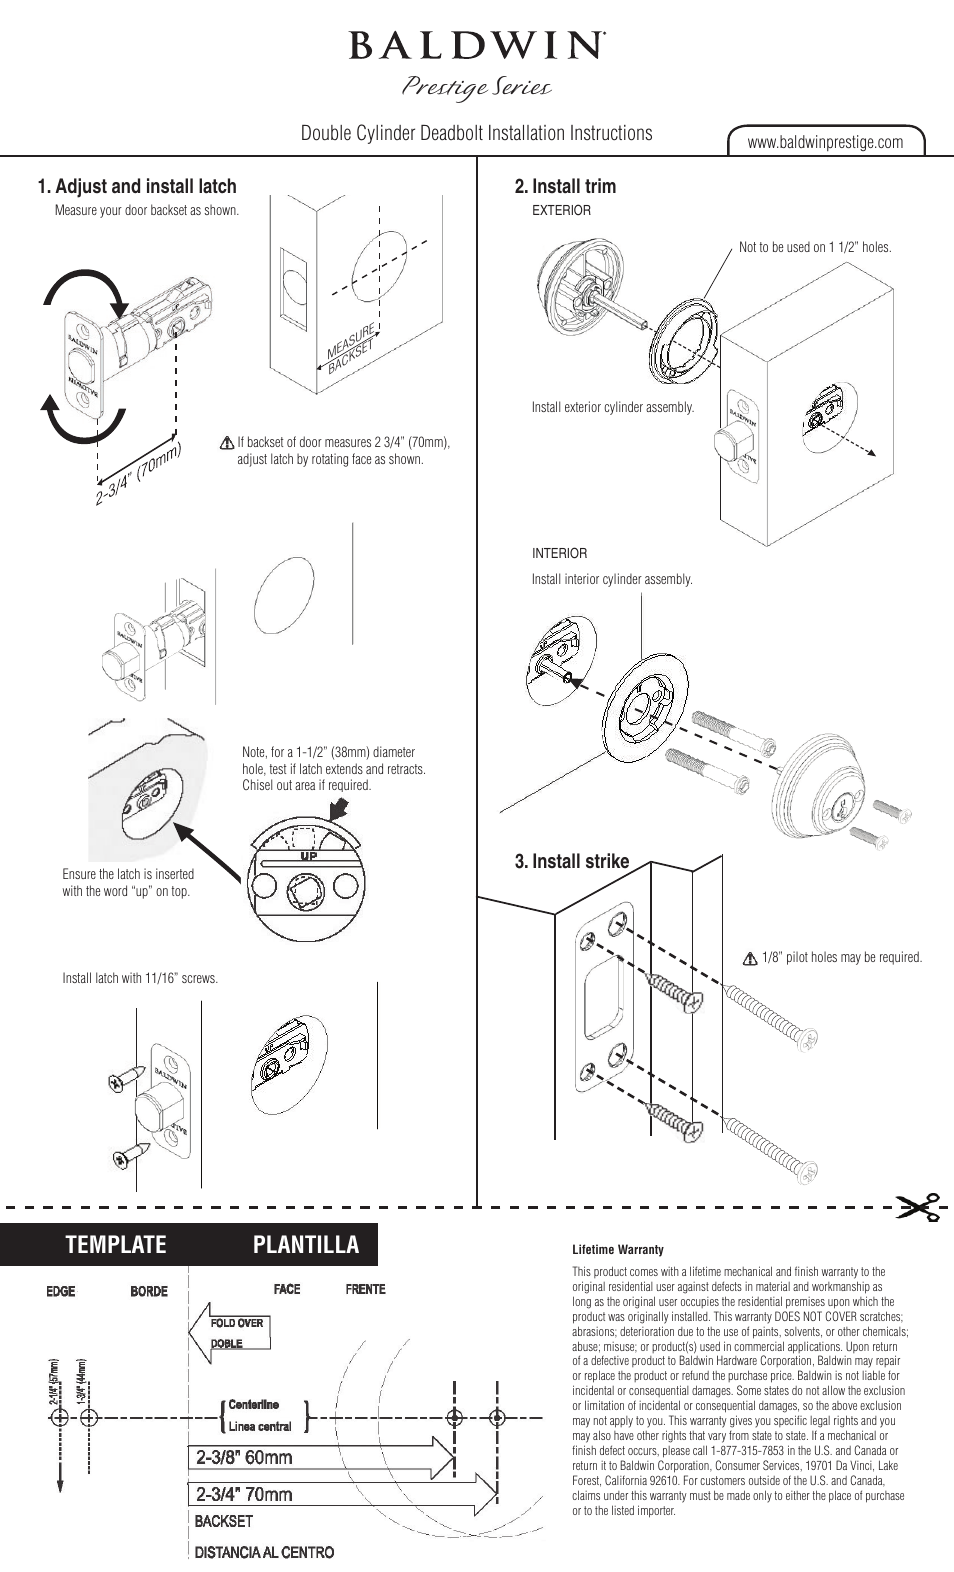 baldwin double cylinder deadbolt user manual 2 pages. Black Bedroom Furniture Sets. Home Design Ideas